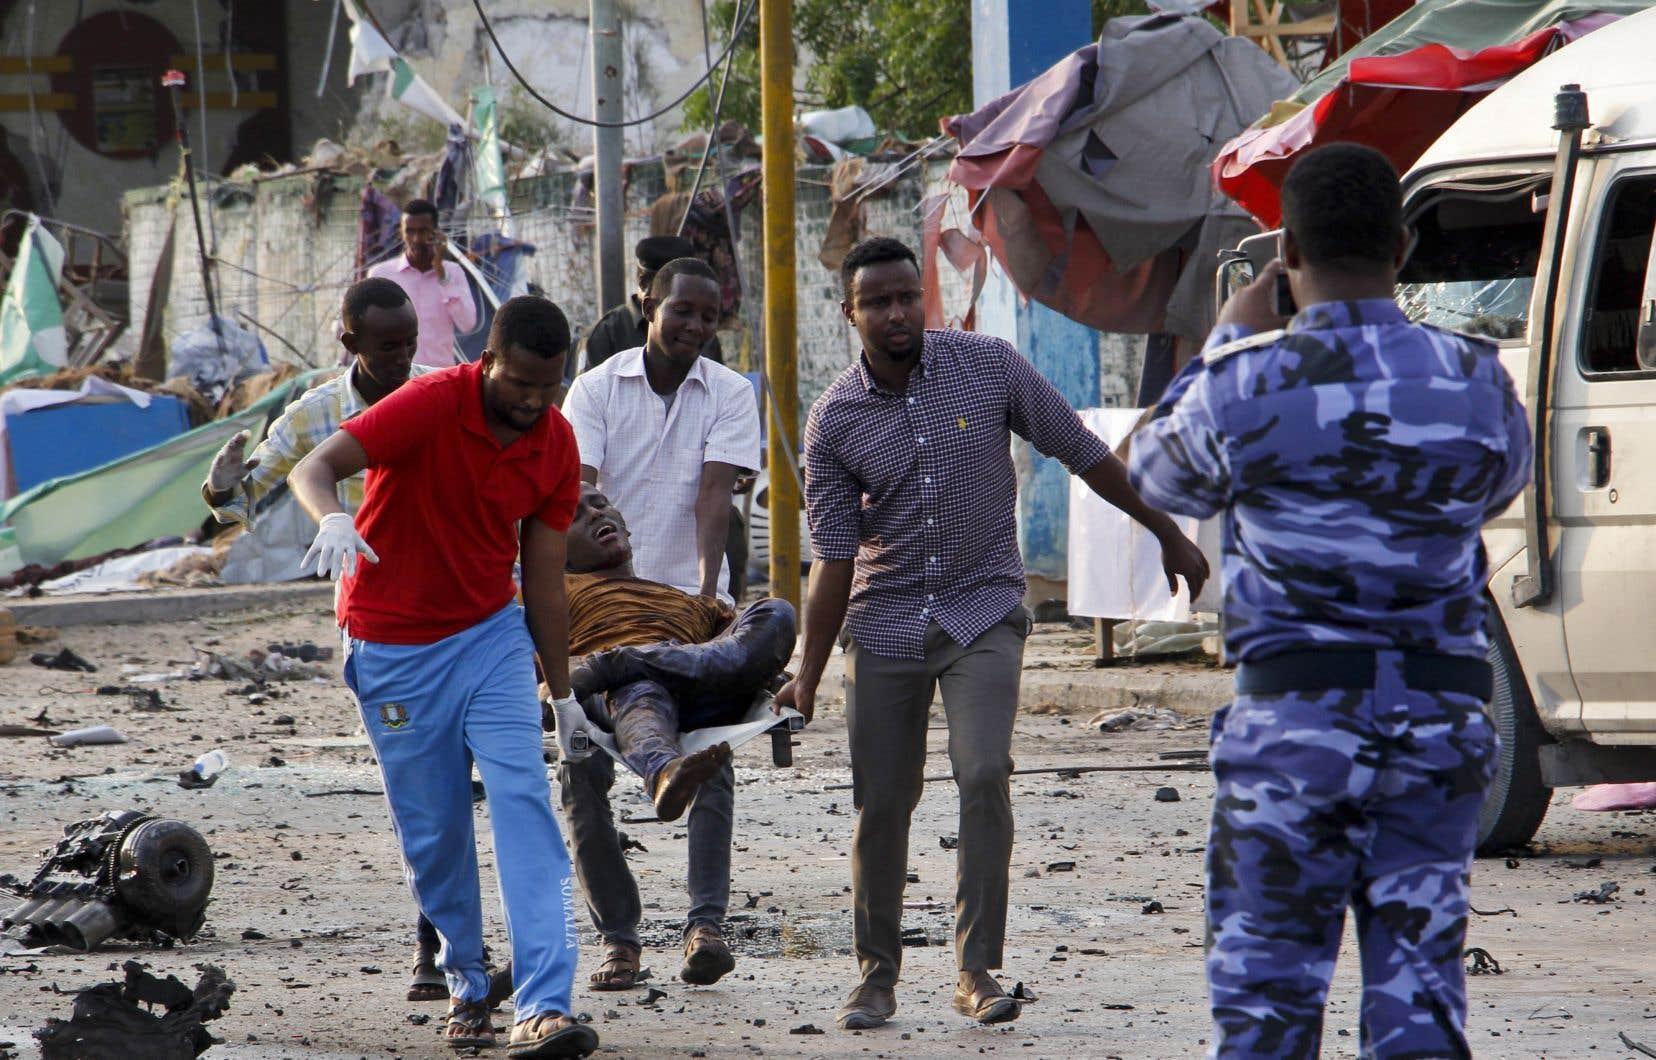 <p>Les islamistes somaliens shebab utilisent régulièrement pour leurs attaques des véhicules piégés, dont l'explosion précède souvent l'entrée en action d'un commando lourdement armé pour faire le plus de victimes possible.</p>